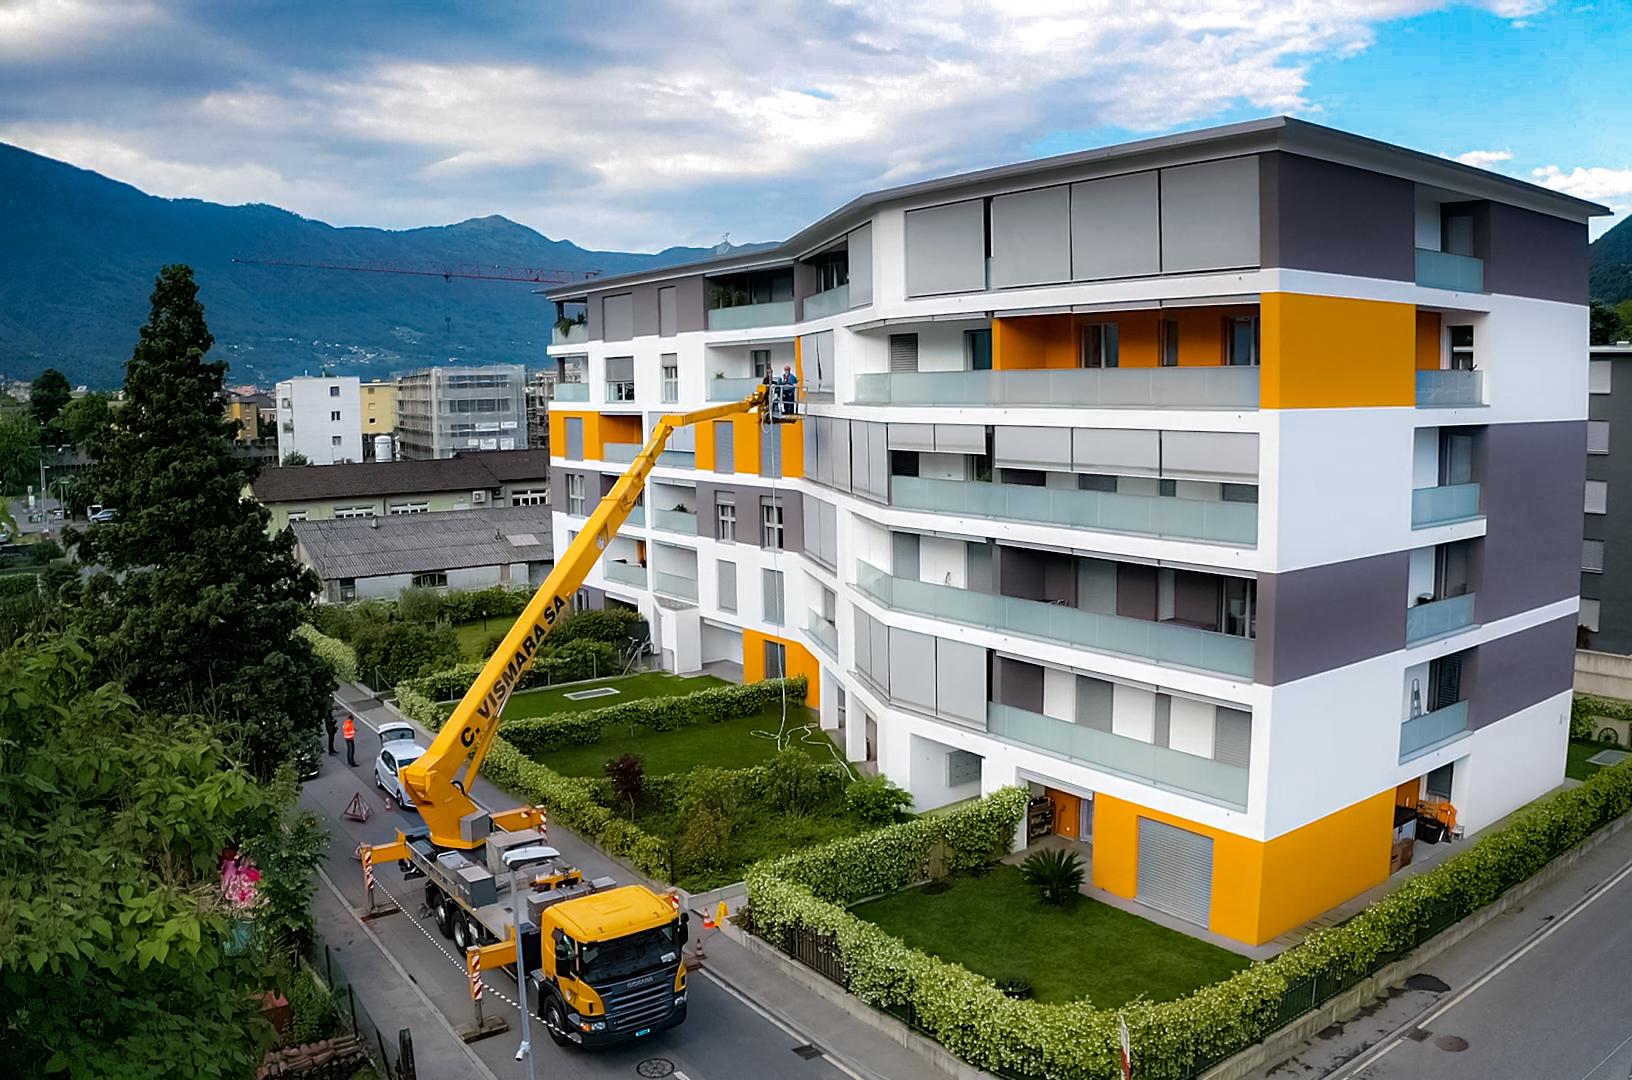 La nostra Wumag al lavoro per la pulizia di un palazzo a Bellinzona, Svizzera